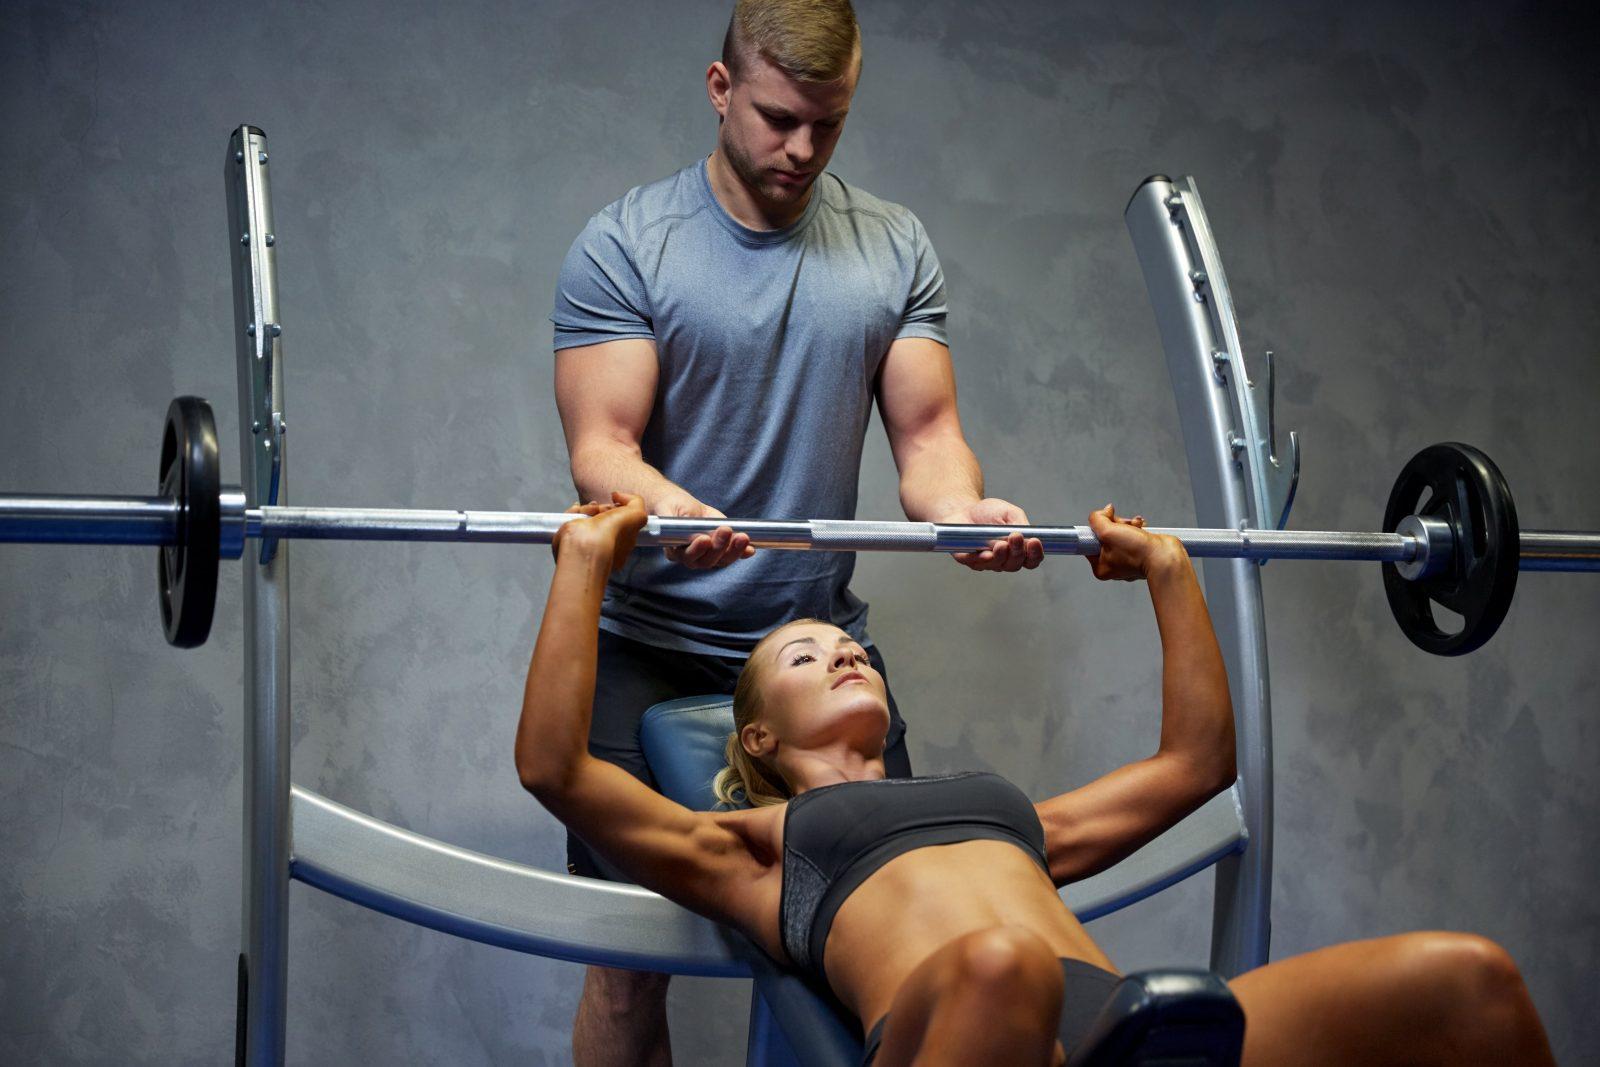 Парень подстраховывает девушку в упражнении - жим штанги на наклонной скамье